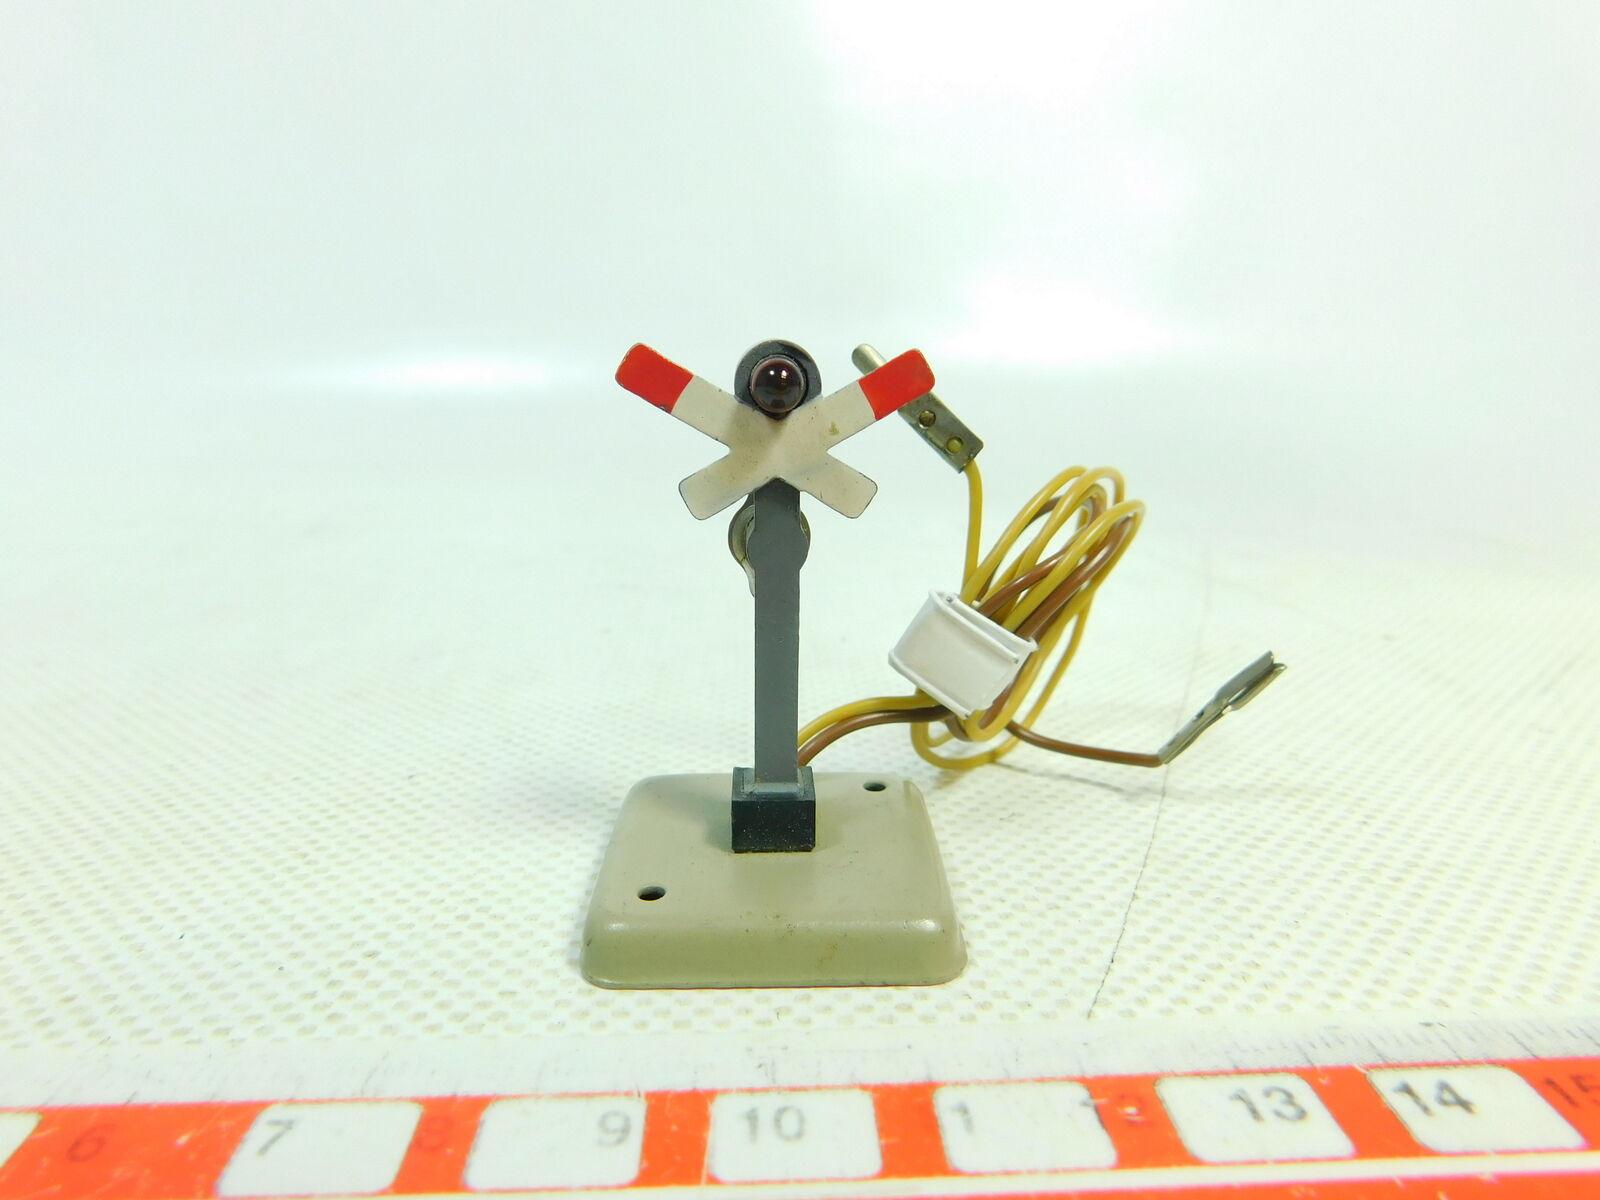 BT996-0,5  Märklin H0 00   Ac 7050 (450) St.Andrew's cross   Warning Tested,Very